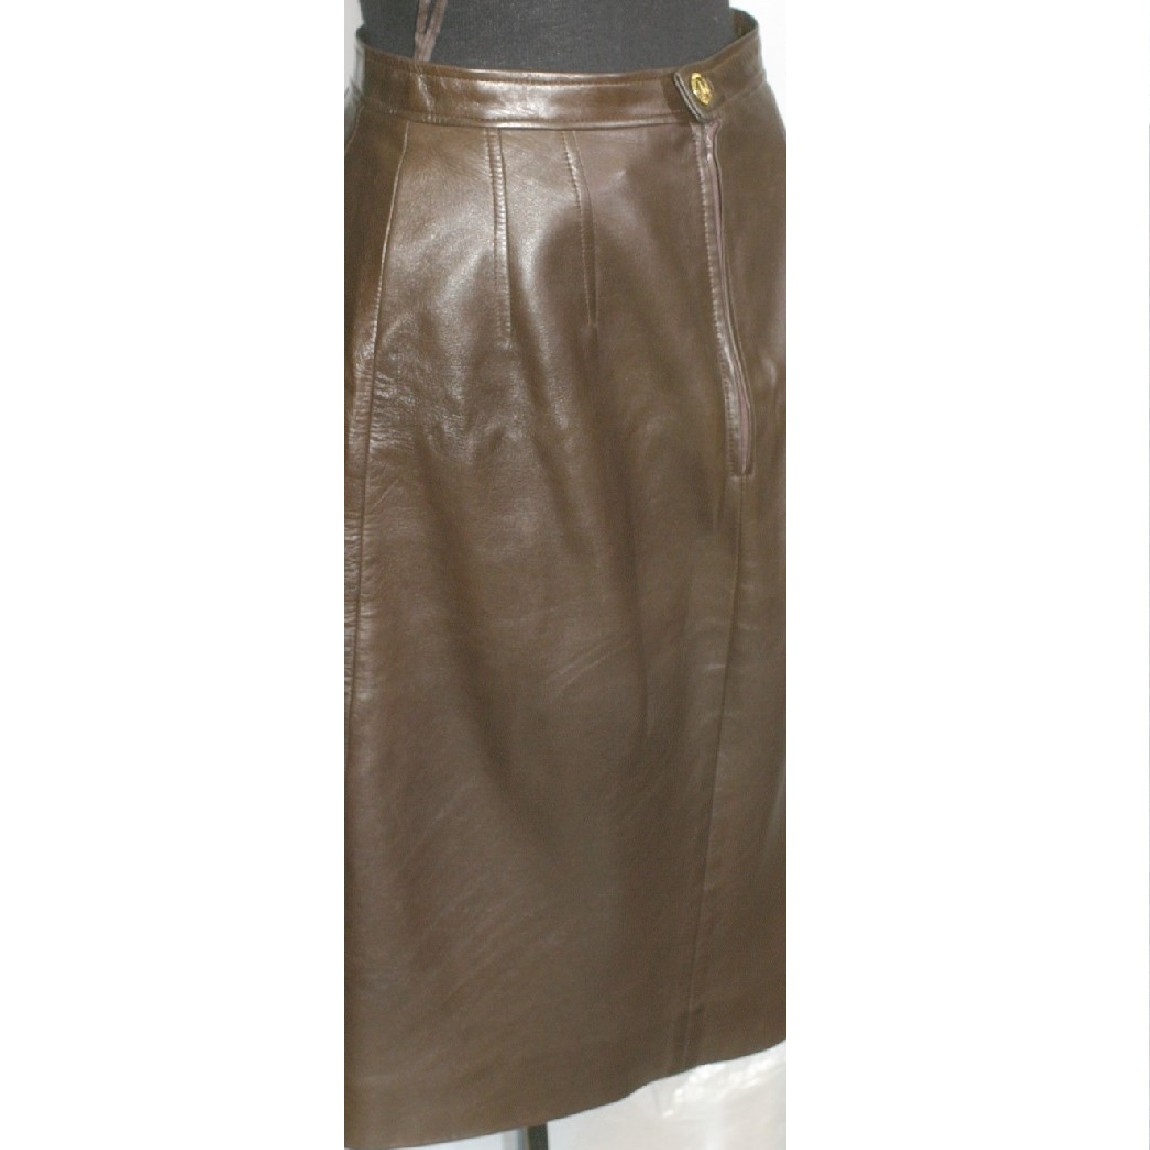 【中古】本物美品シャネルブティック女性用サイズ表記38柔らかい羊革素材スカート金色金具に象の姿